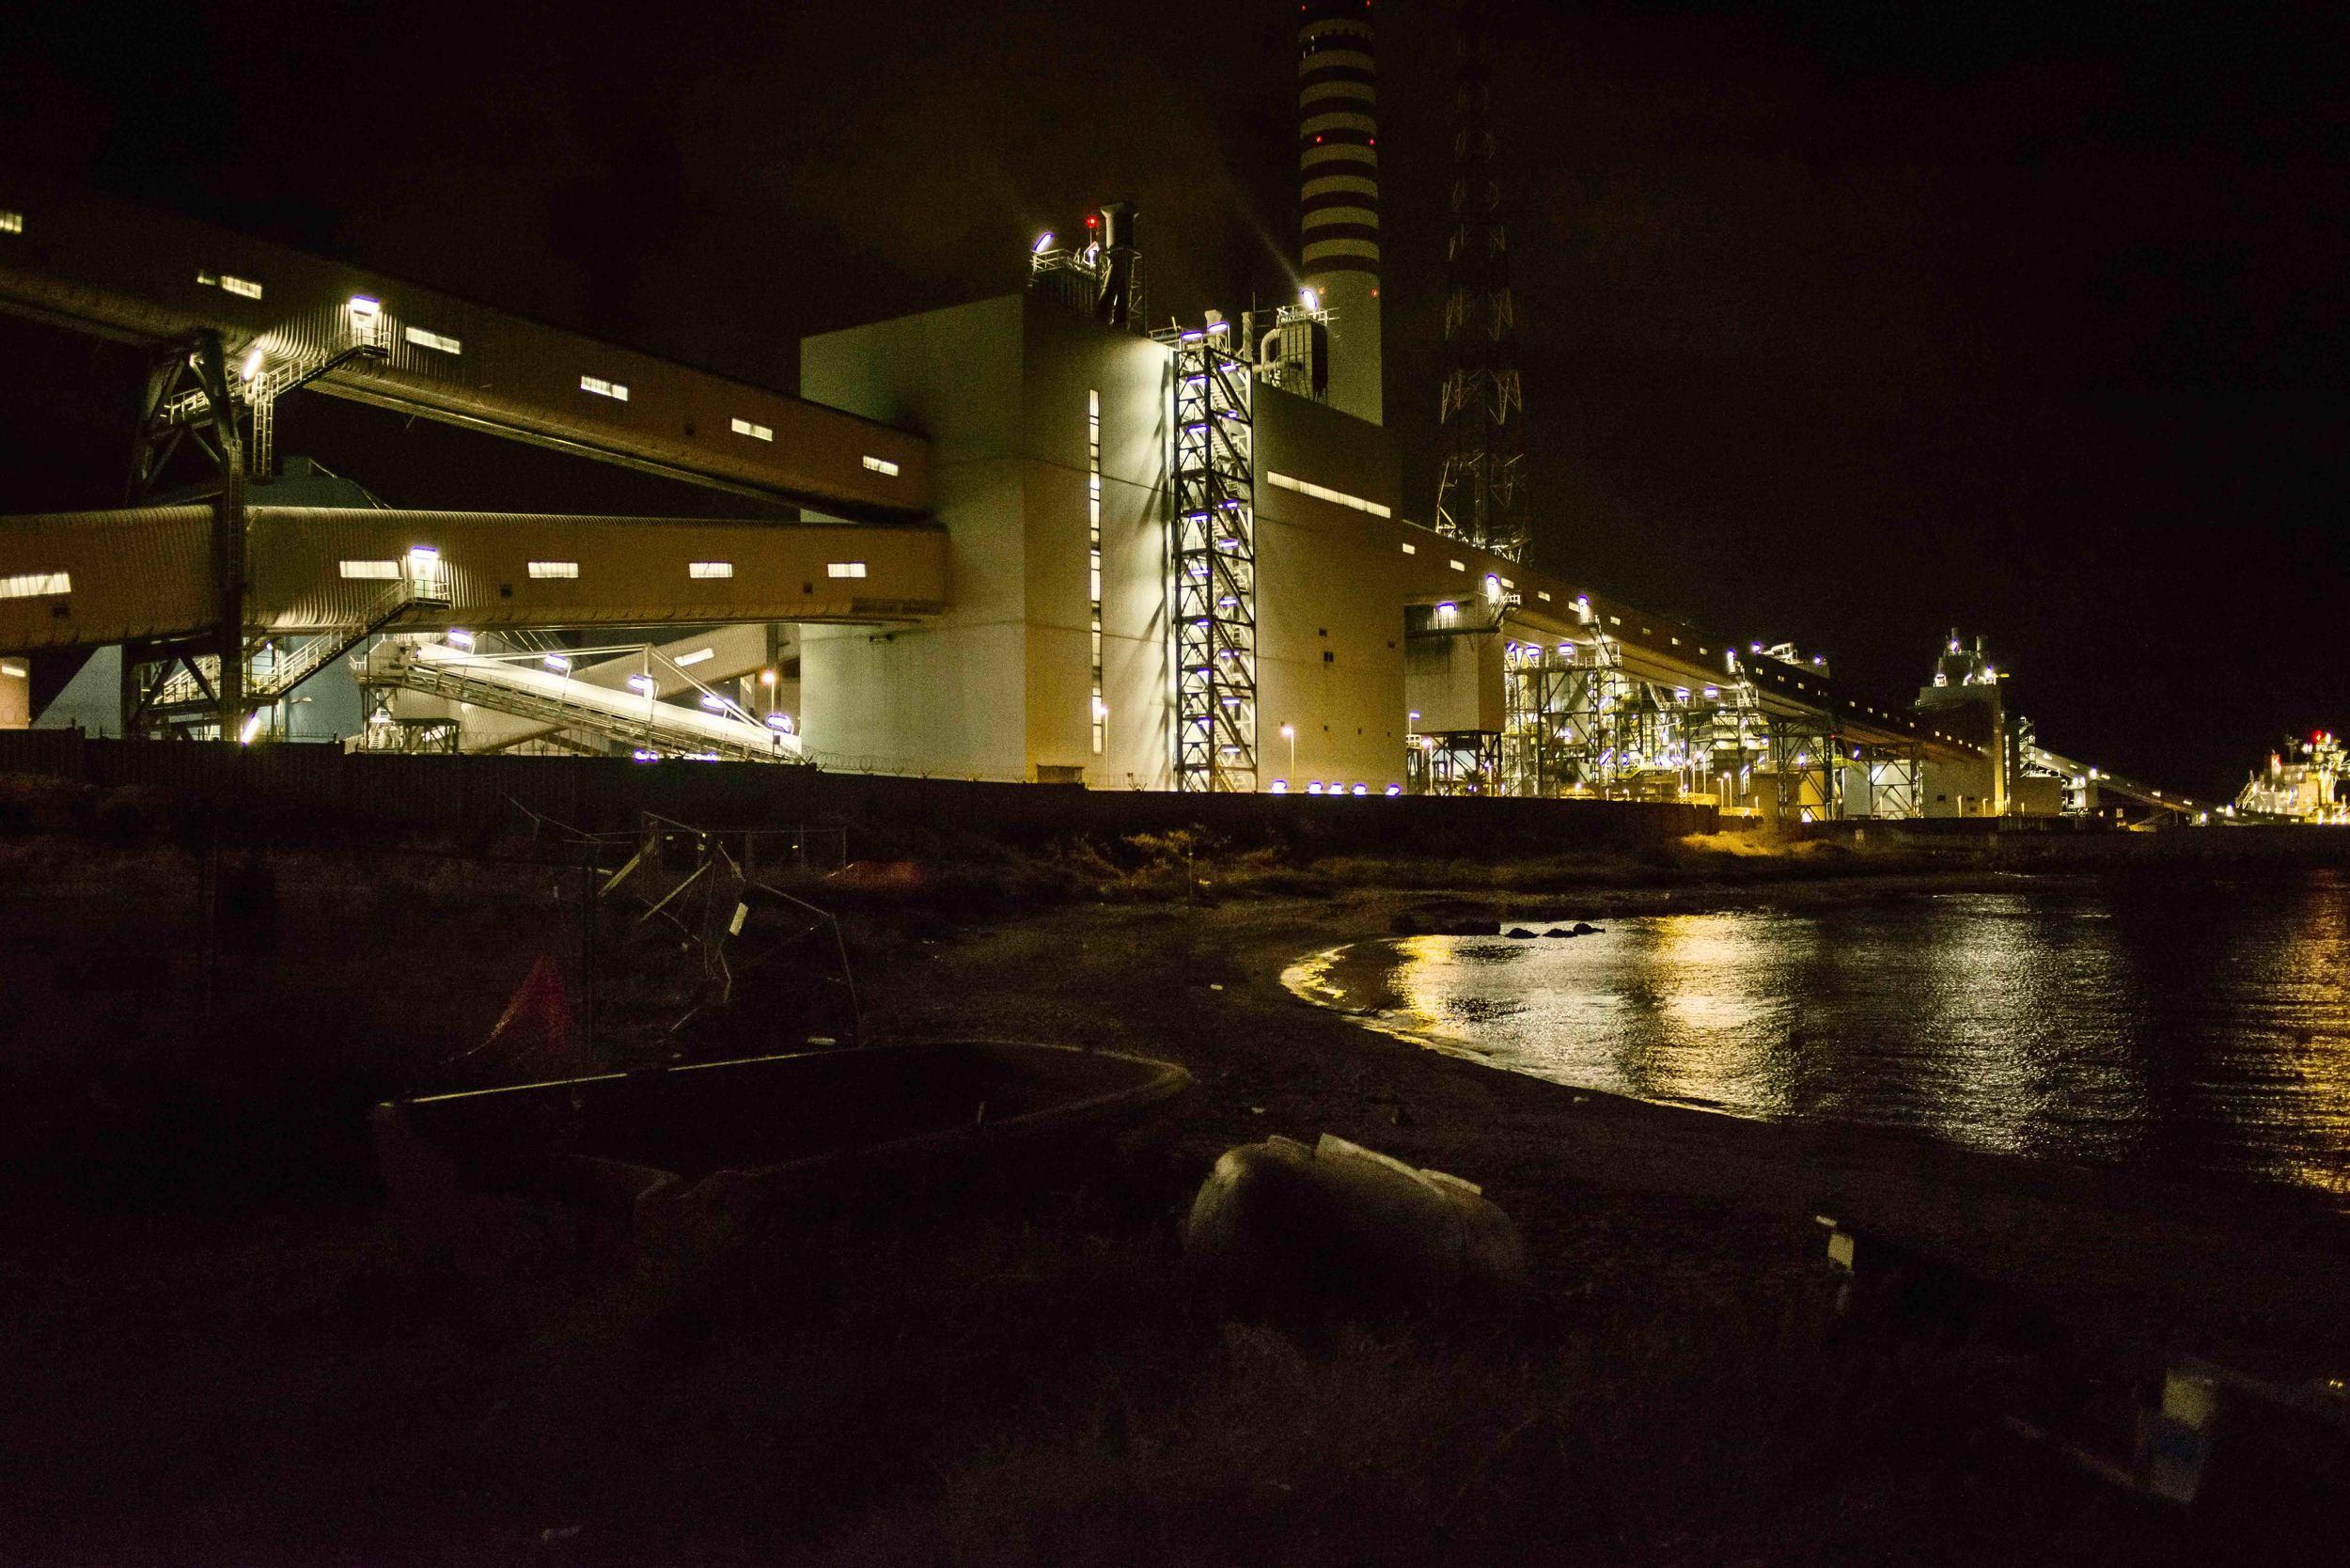 L'impianto Torrevaldaliga Nord di sera. La carbonifera di proprietà dell'Enel rappresenta la maggiore criticità ambientale per il territorio di Civitavecchia. ottobre, 2014. (David Pagliani Istivan)